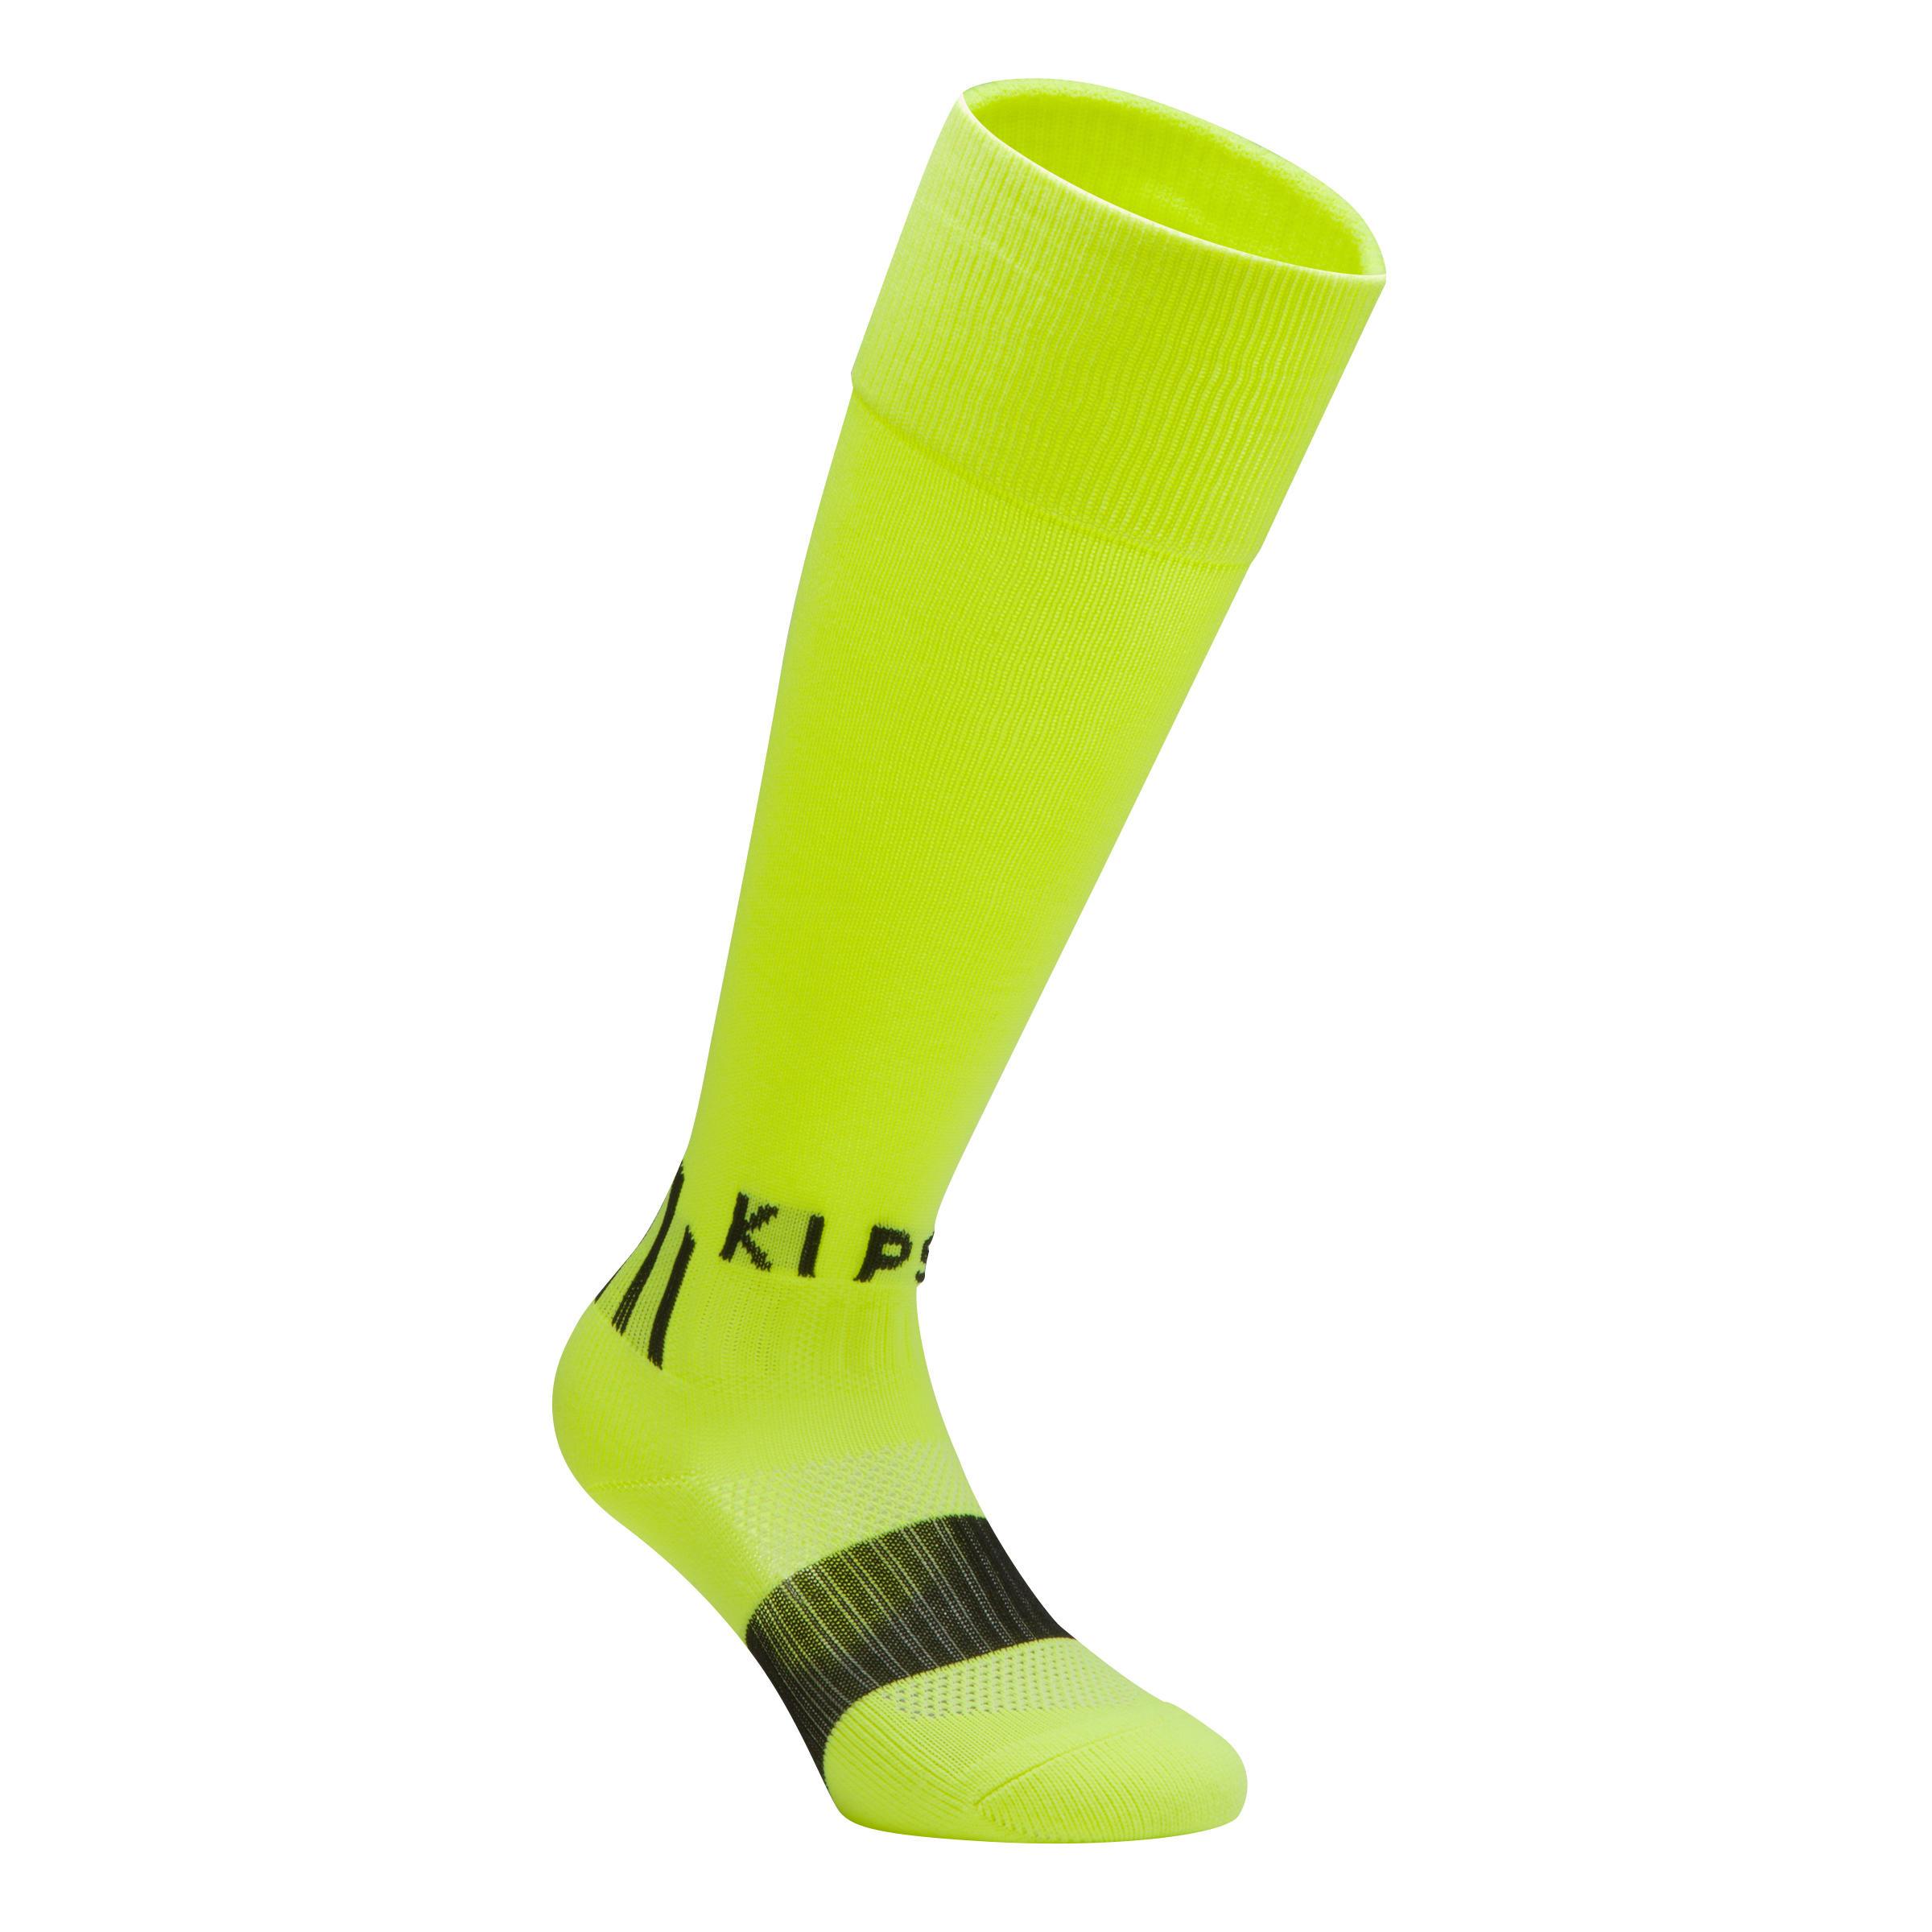 Medias largas de fútbol niños F 500 amarillo fluorescente